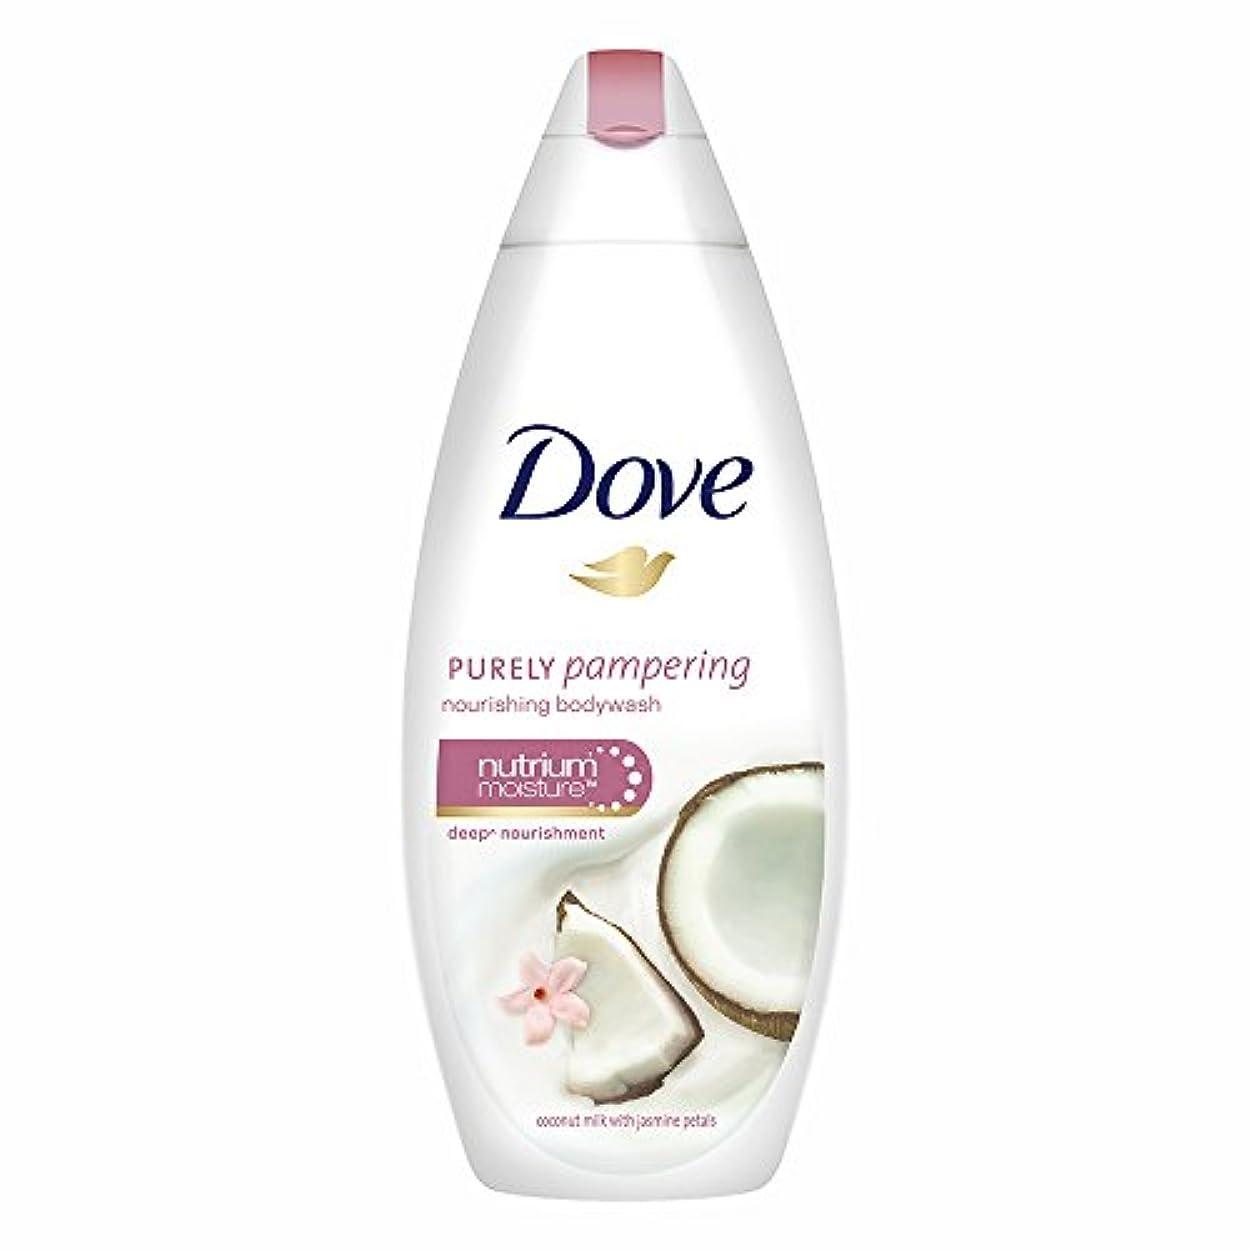 霜定刻メンバーDove Purely Pampering Coconut Milk and Jas Petals Body Wash, 190ml